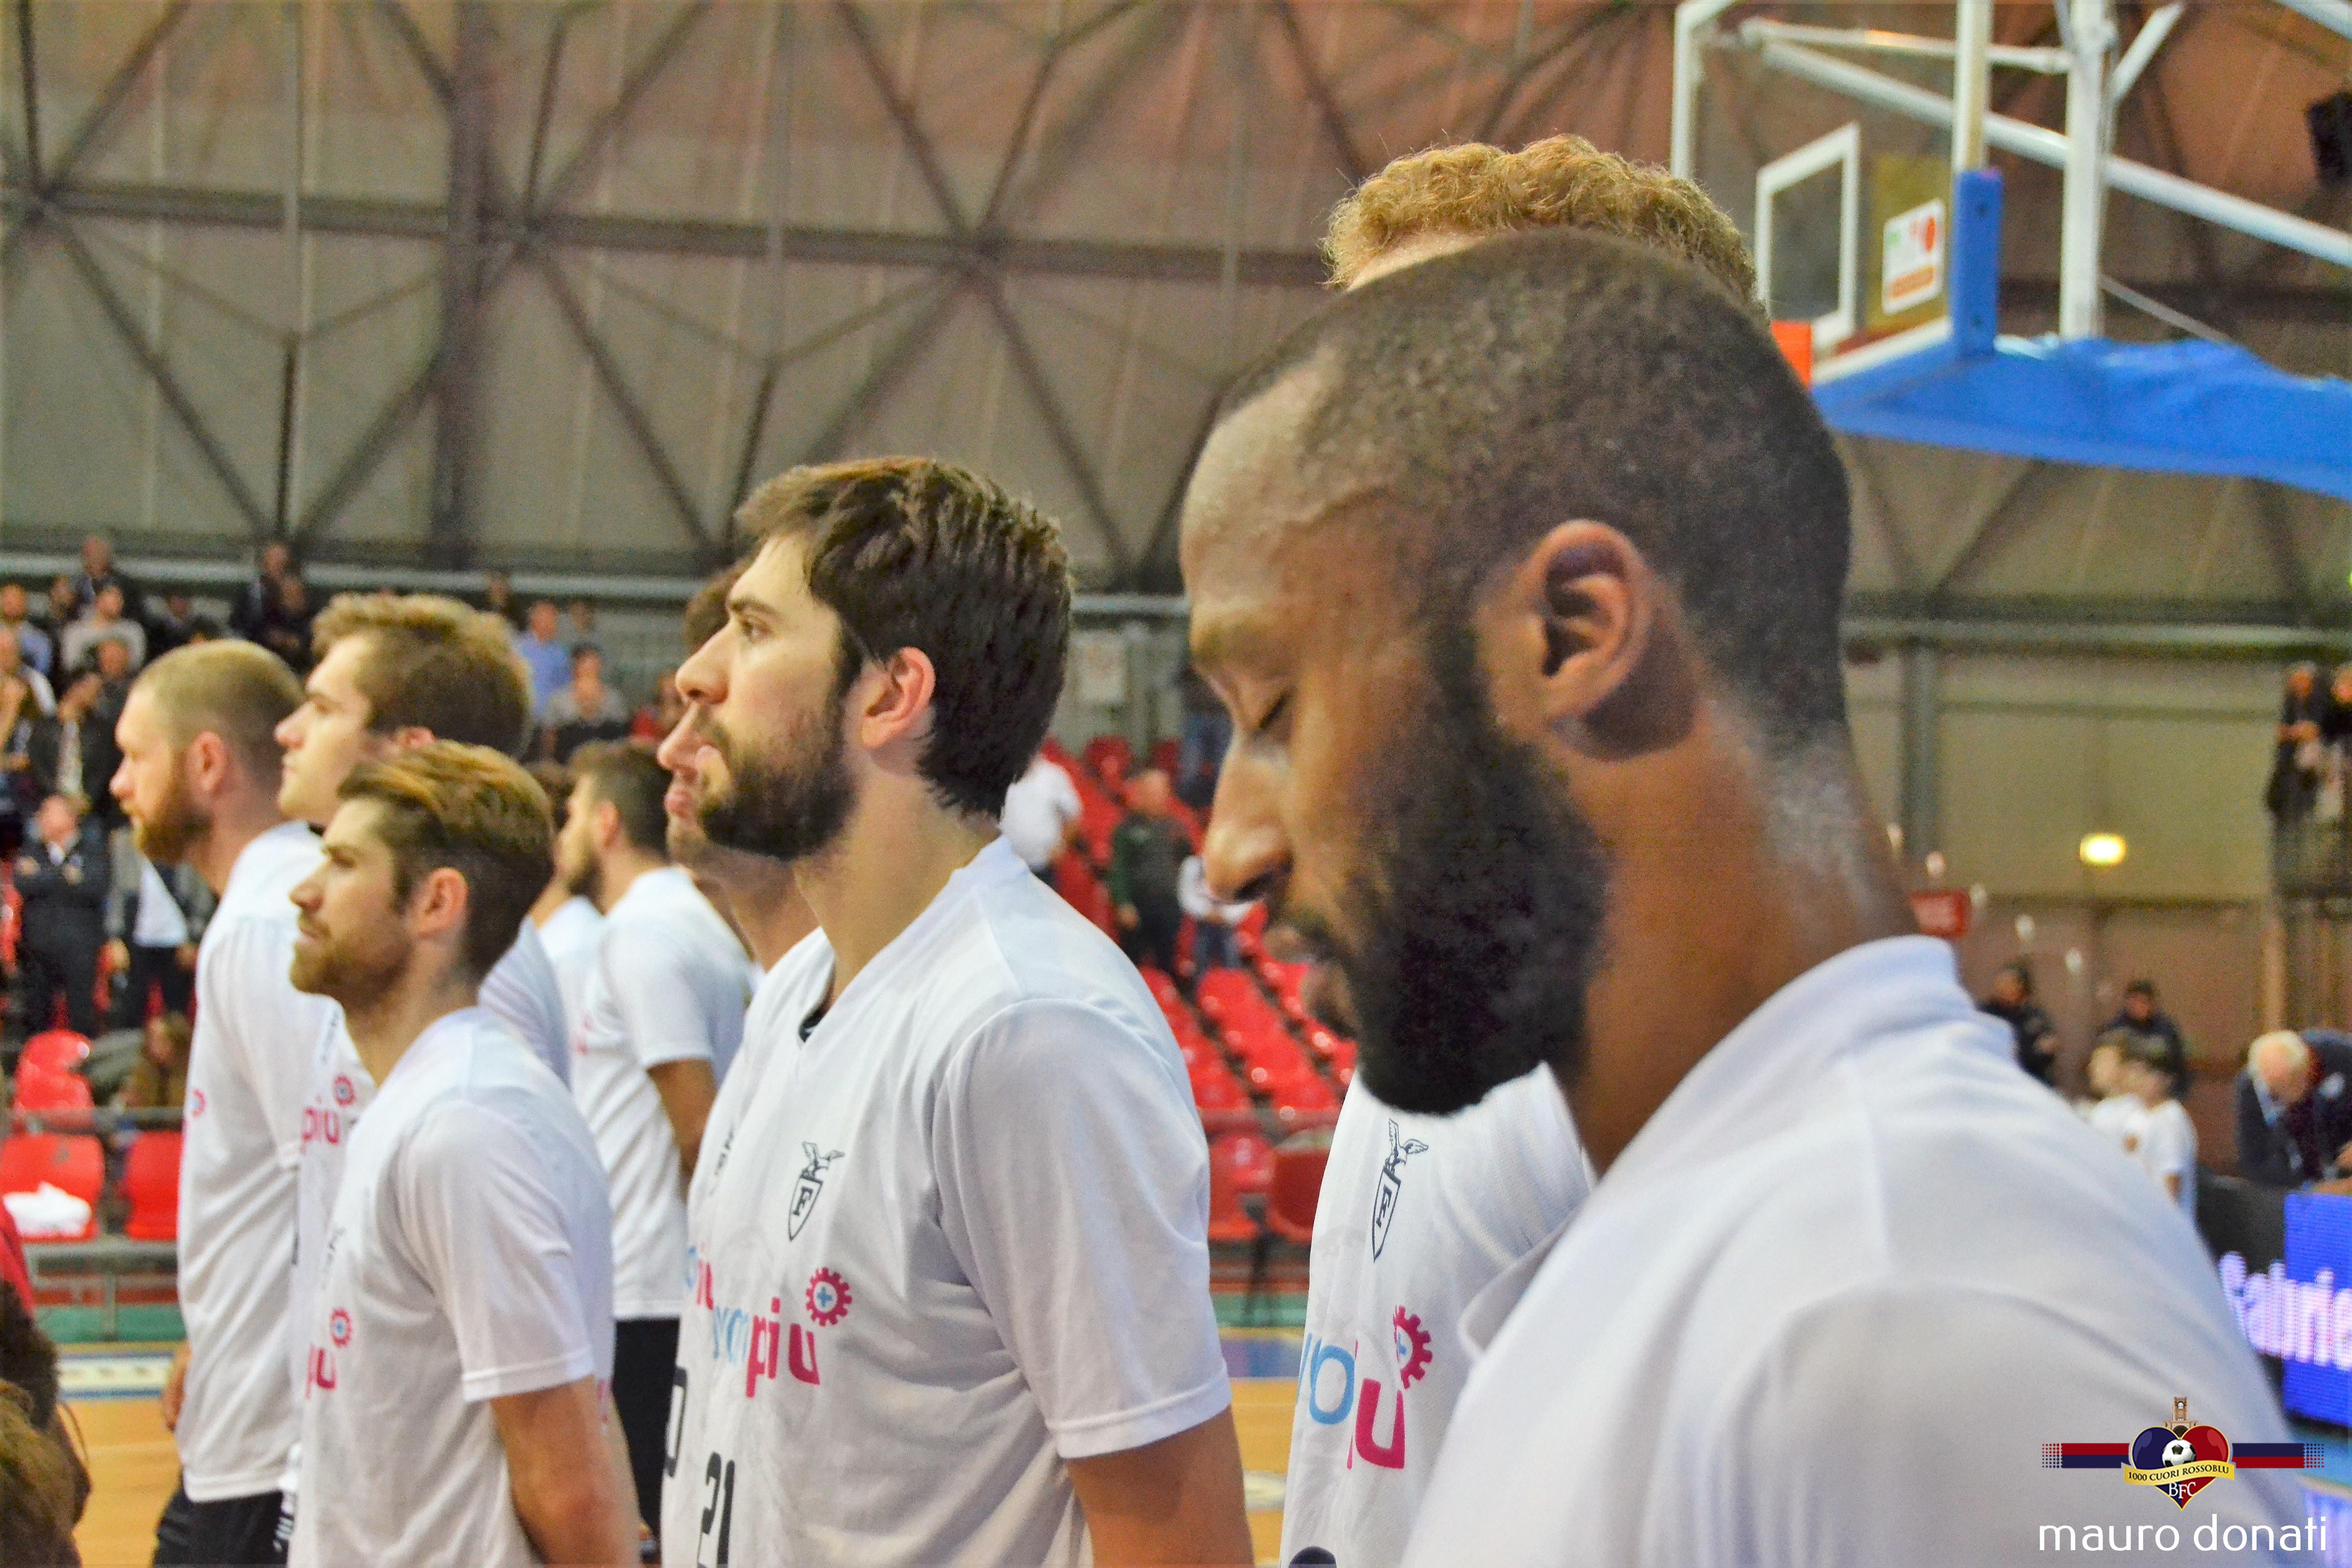 Meravigliosamente Fortitudo: contro Montegranaro arriva l'ottava vittoria consecutiva, espugnato anche il PalaSavelli con il punteggio finale di 71-76